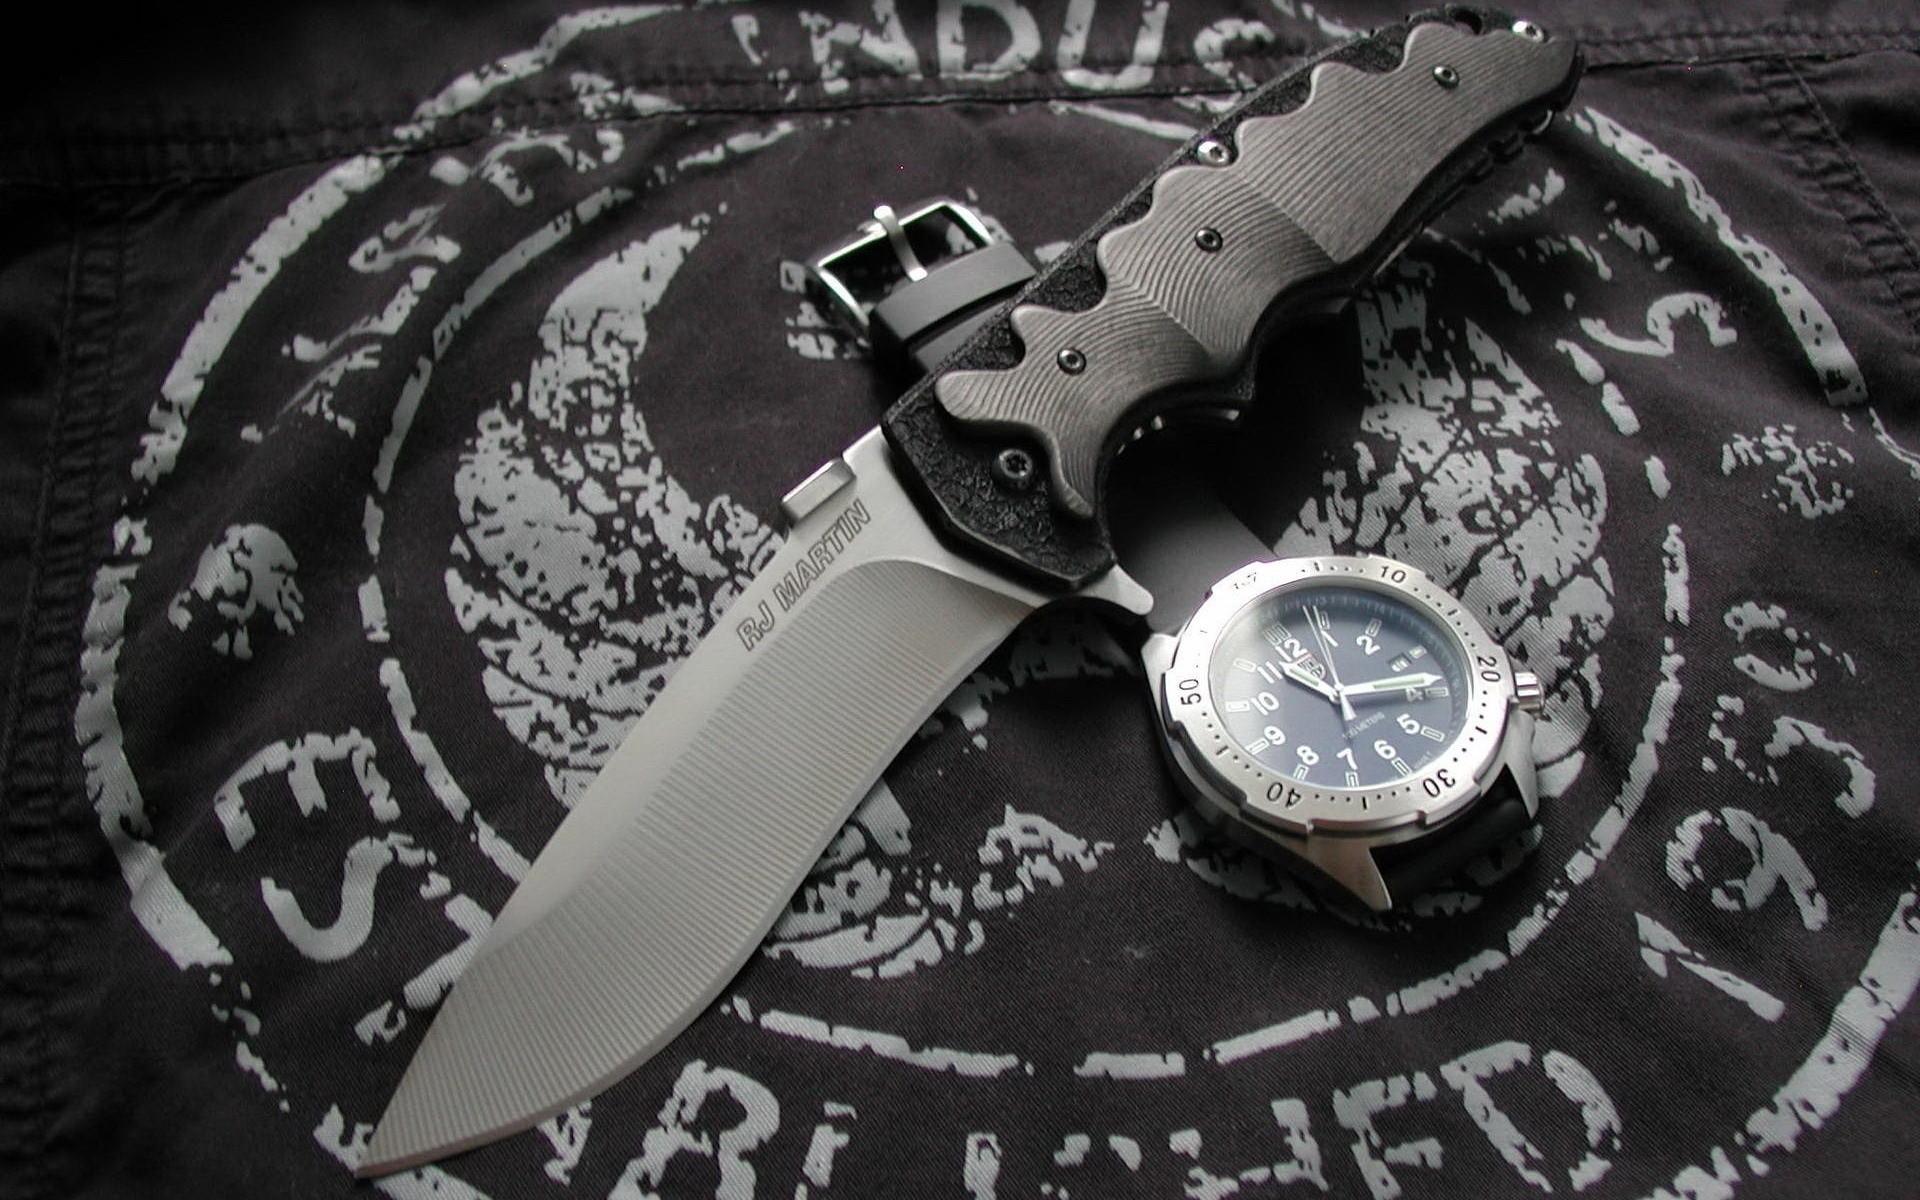 Una navaja y un reloj militar - 1920x1200